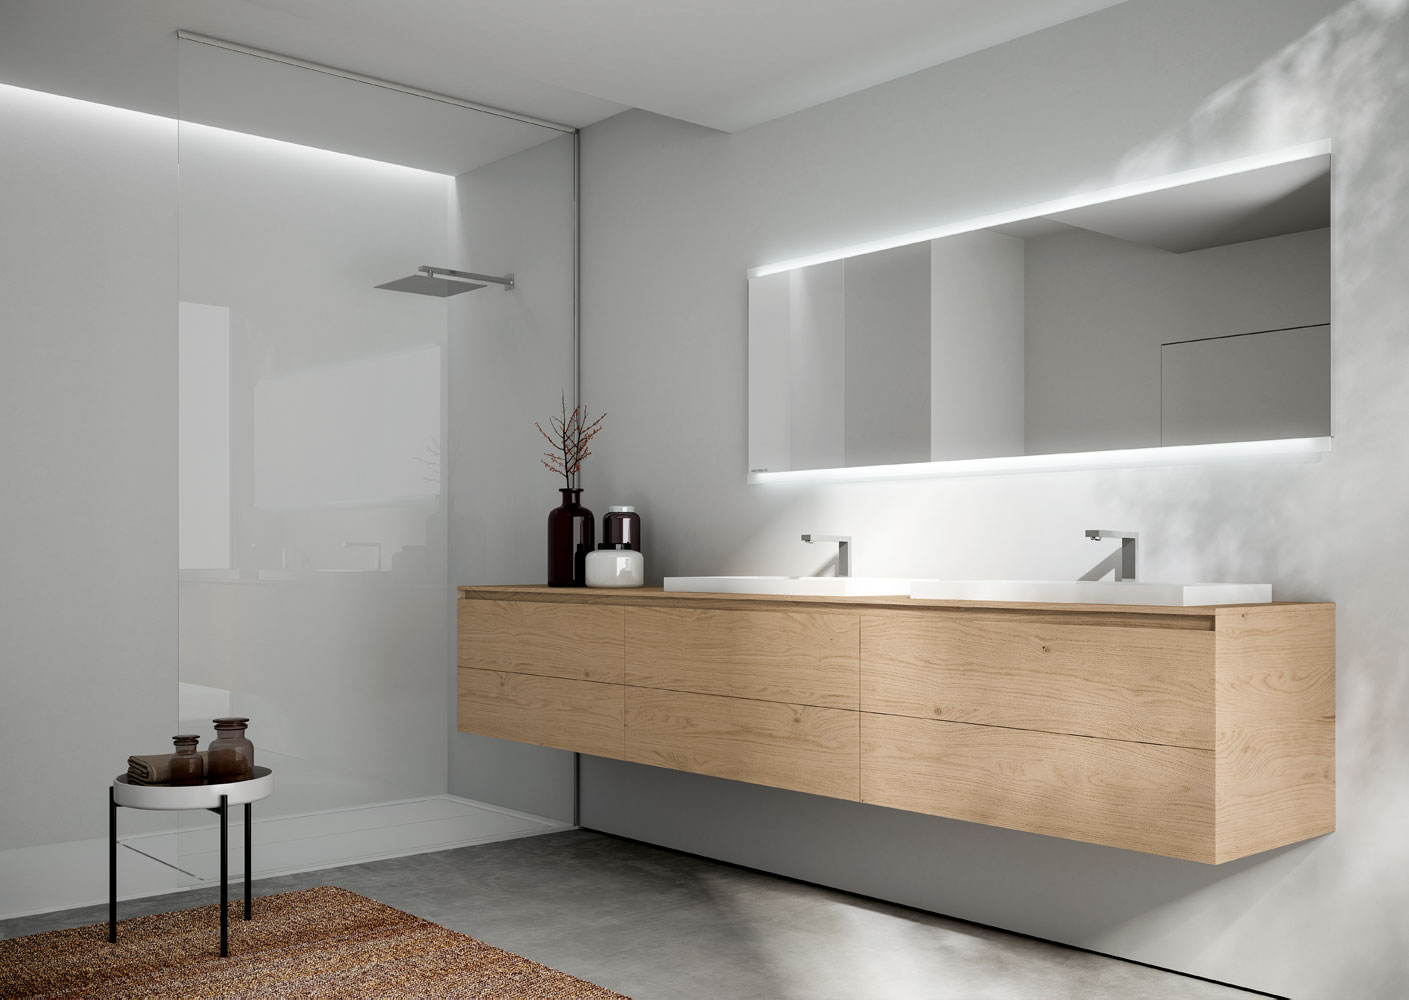 Mobile bagno sospeso Cubik - IDEAGROUP